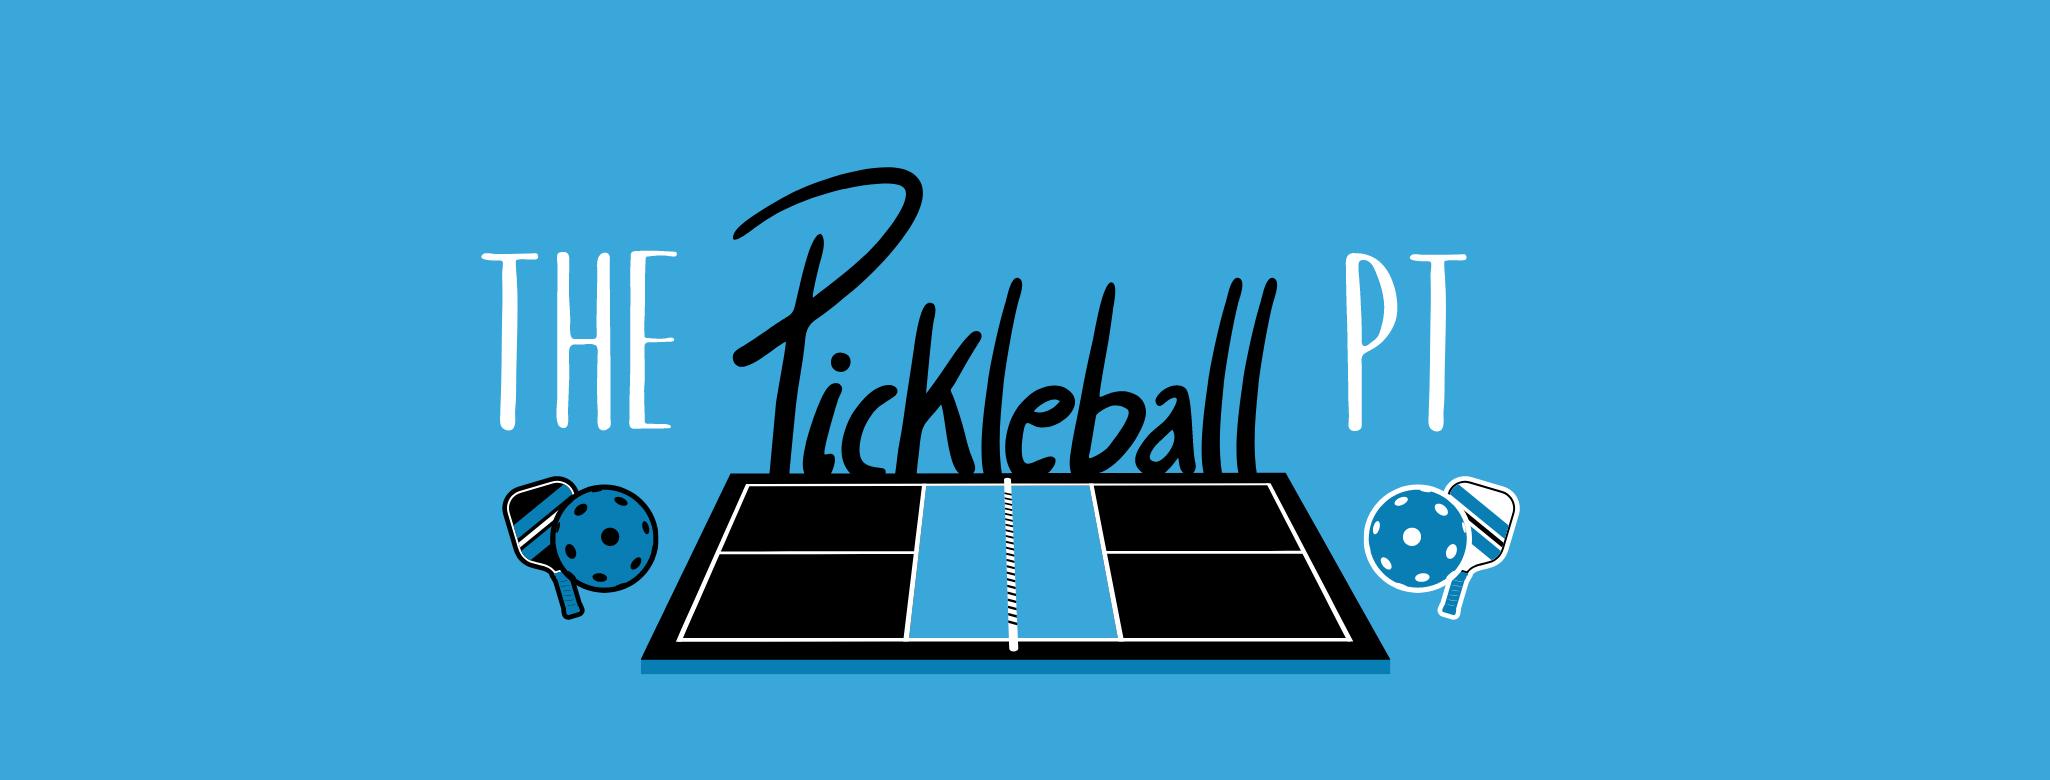 Pickleball PT FB Group Cover-2